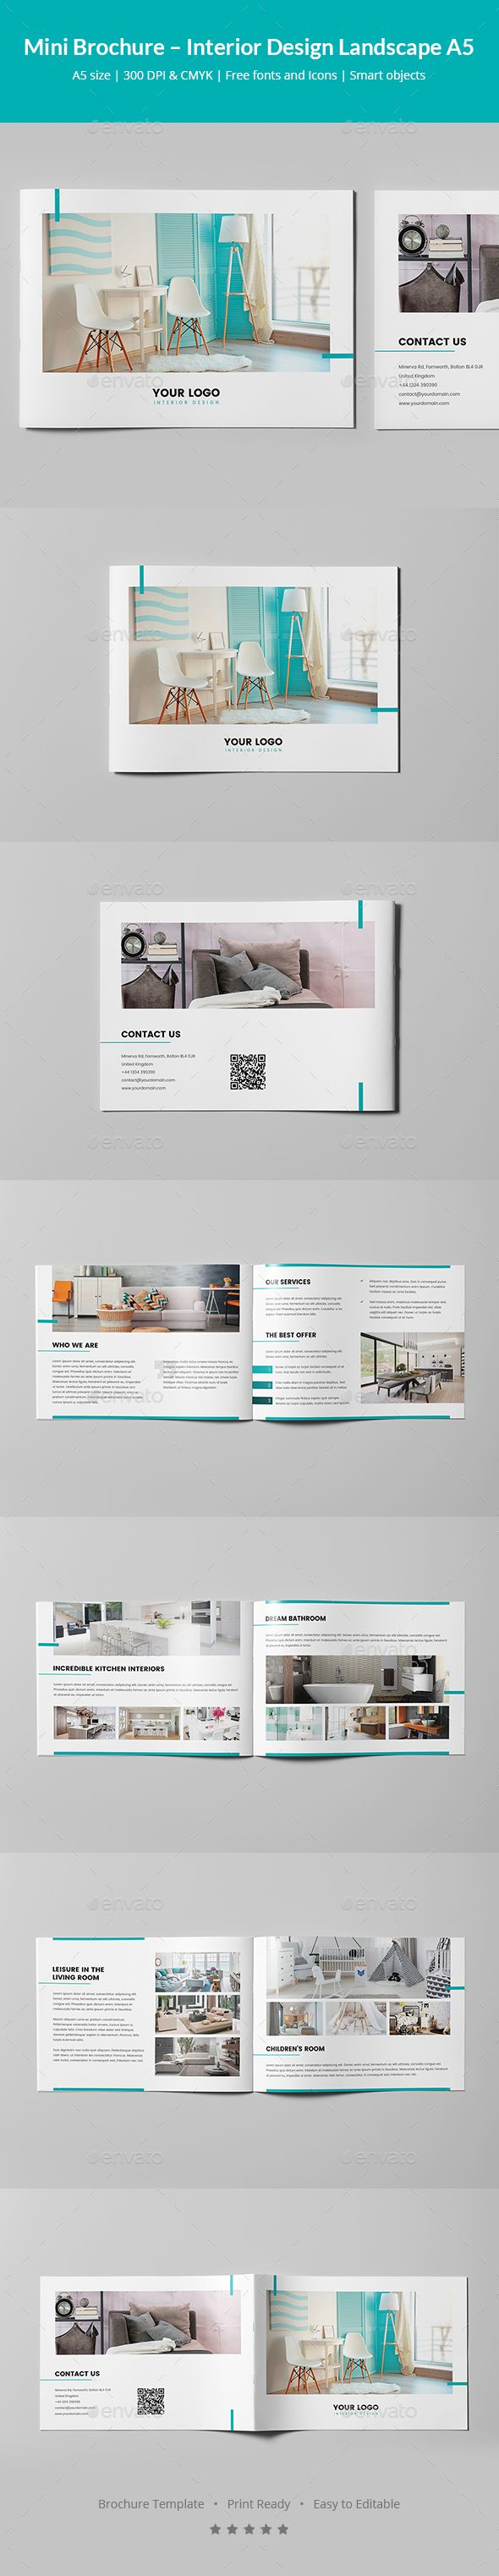 Mini Brochure Interior Design Landscape A5 Pinterest Brochures